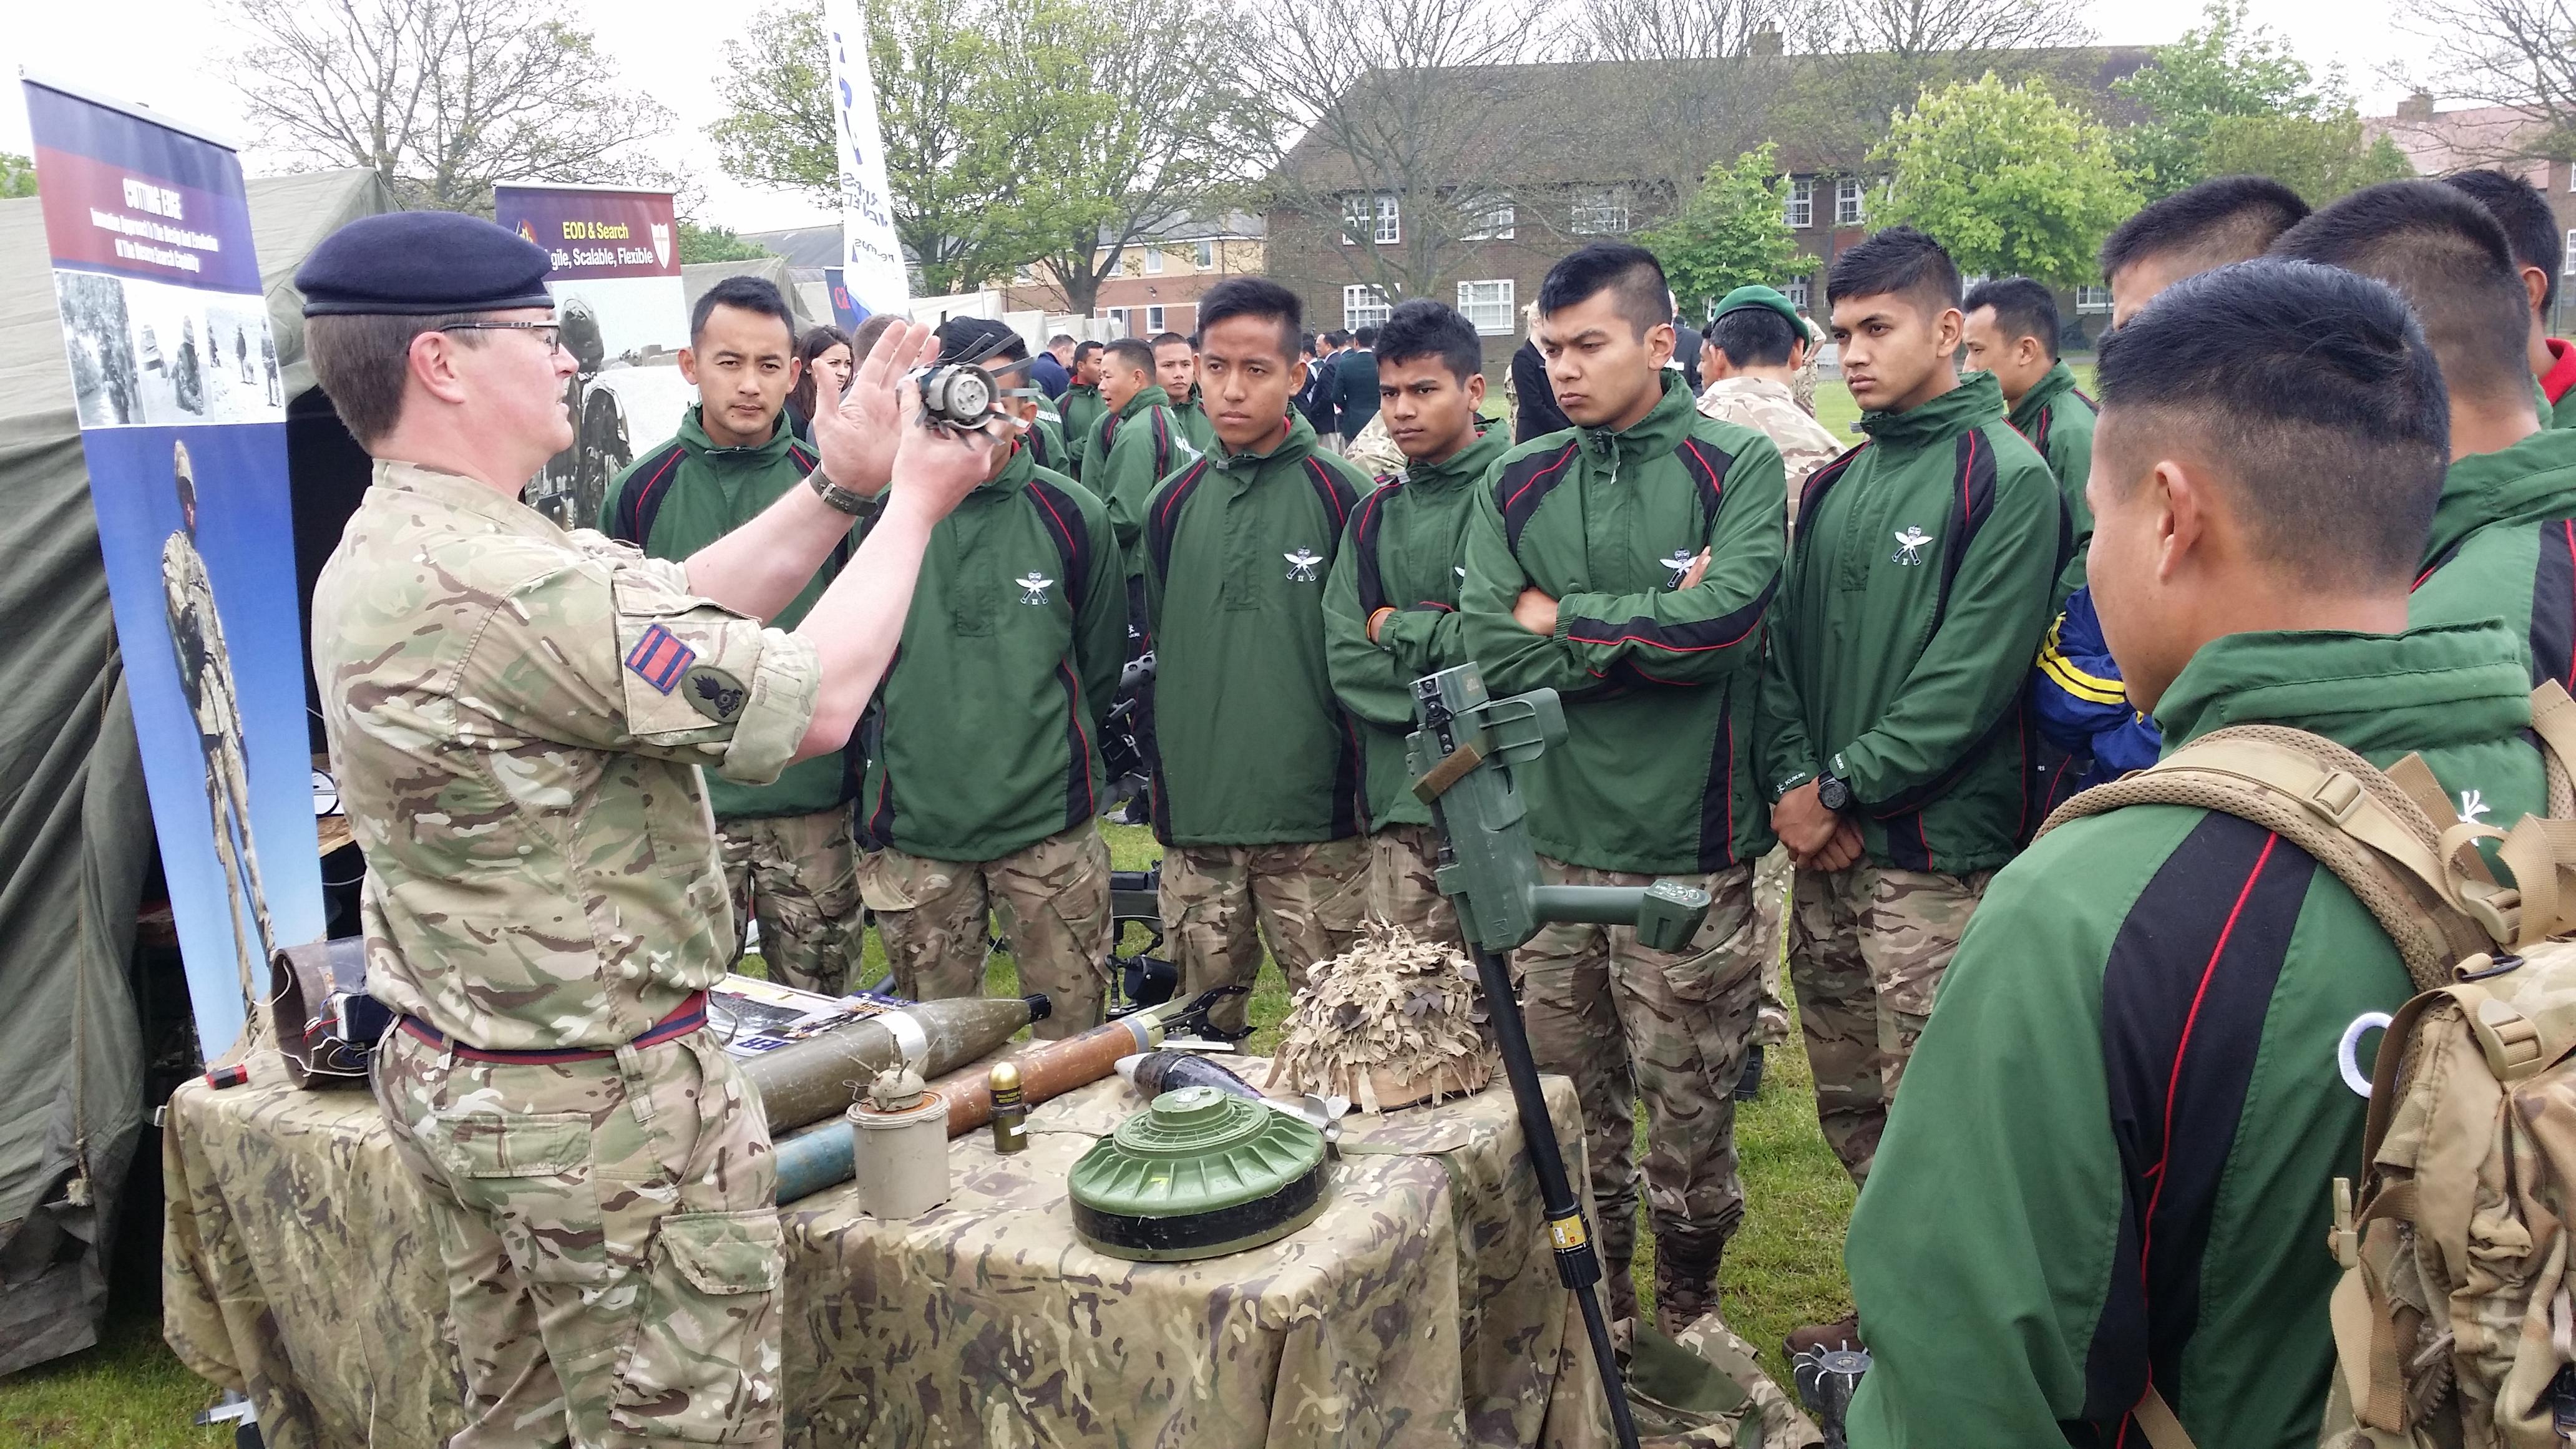 Brigade Of Gurkhas Employment Fair Welcome To The Gurkha